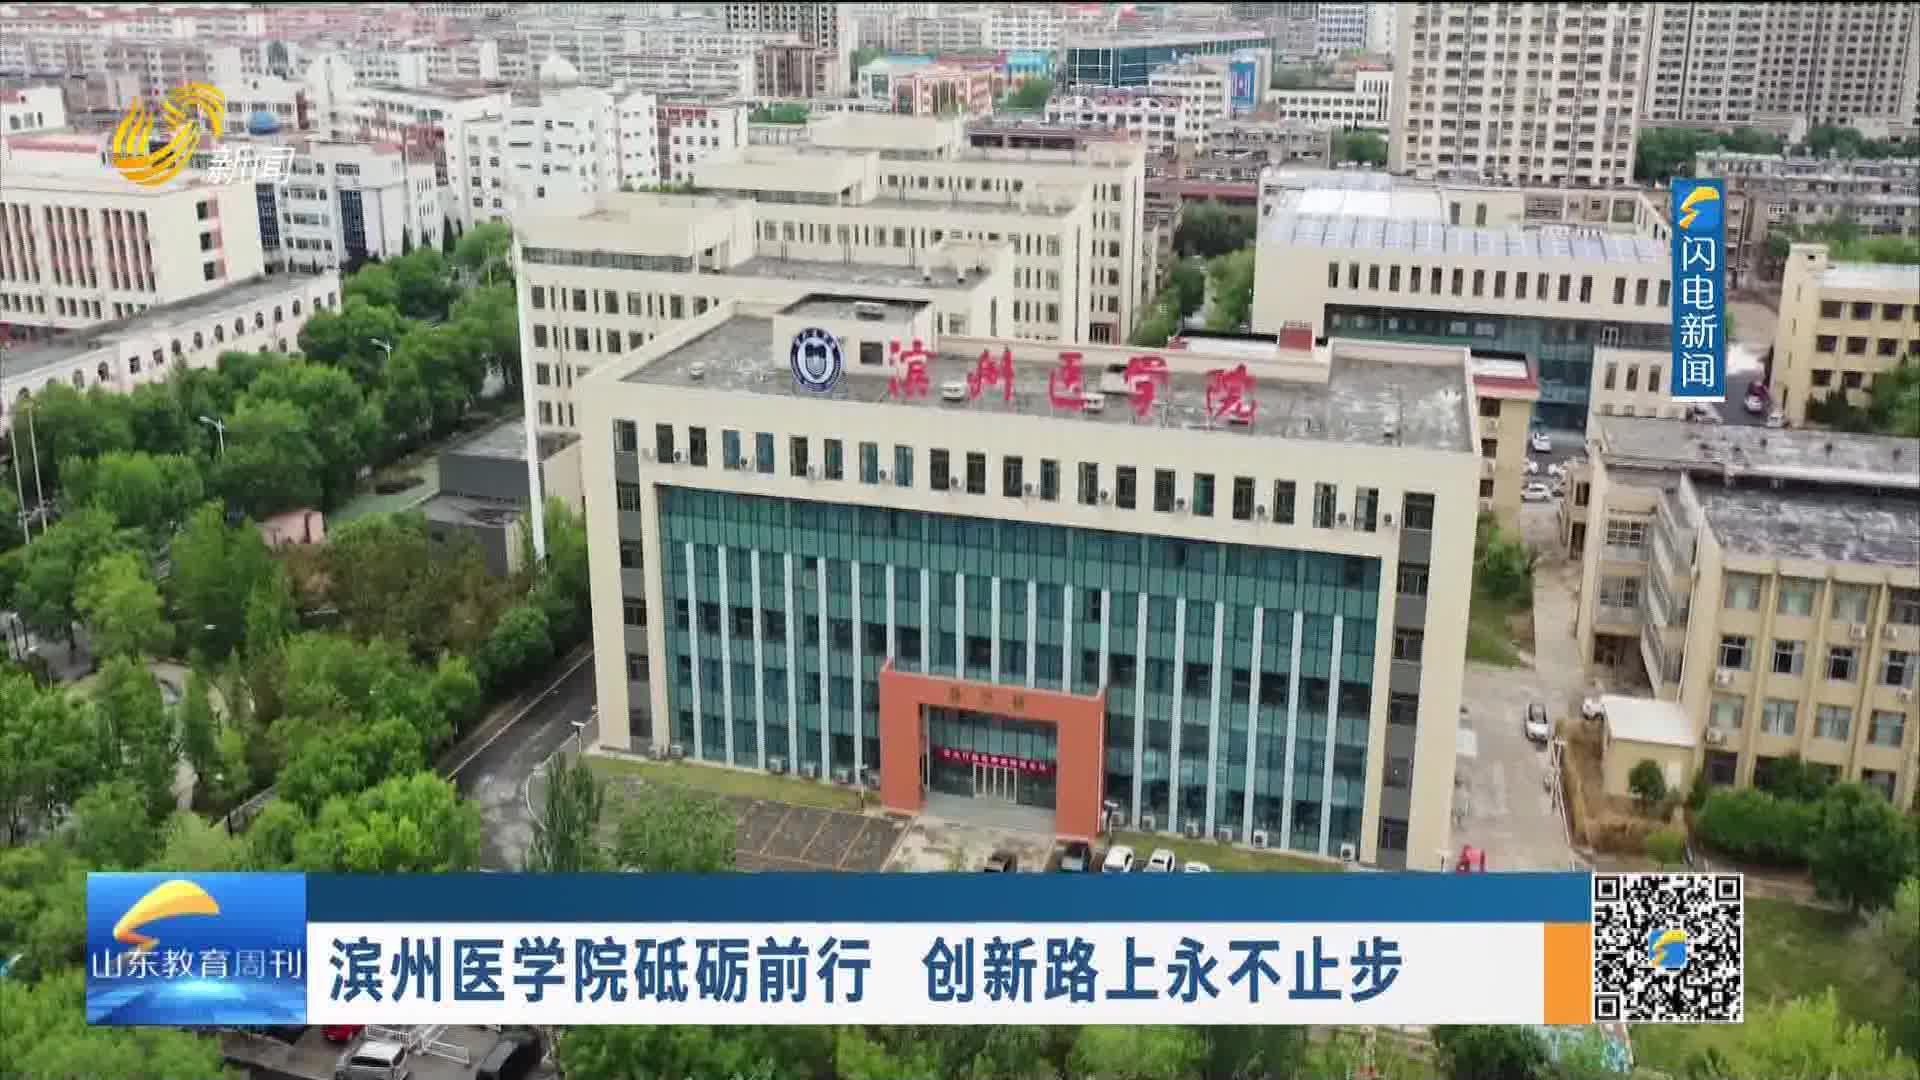 滨州医学院砥砺前行 创新路上永不止步